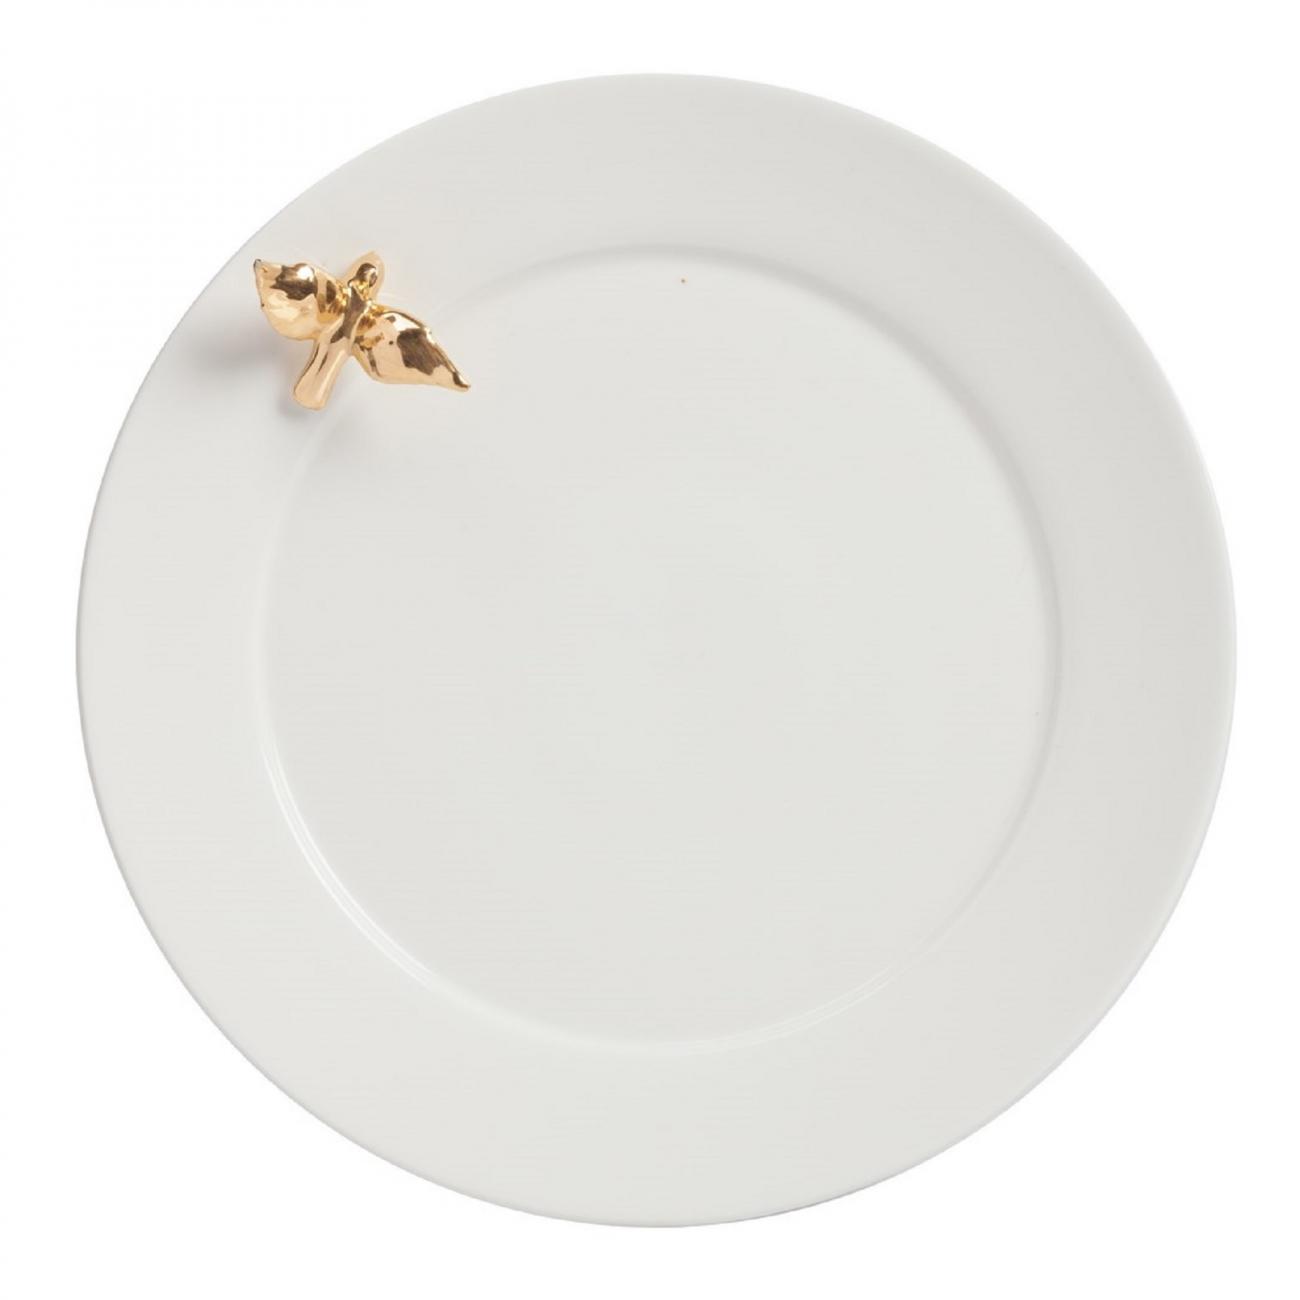 Купить Большая тарелка Bejaflor в интернет магазине дизайнерской мебели и аксессуаров для дома и дачи